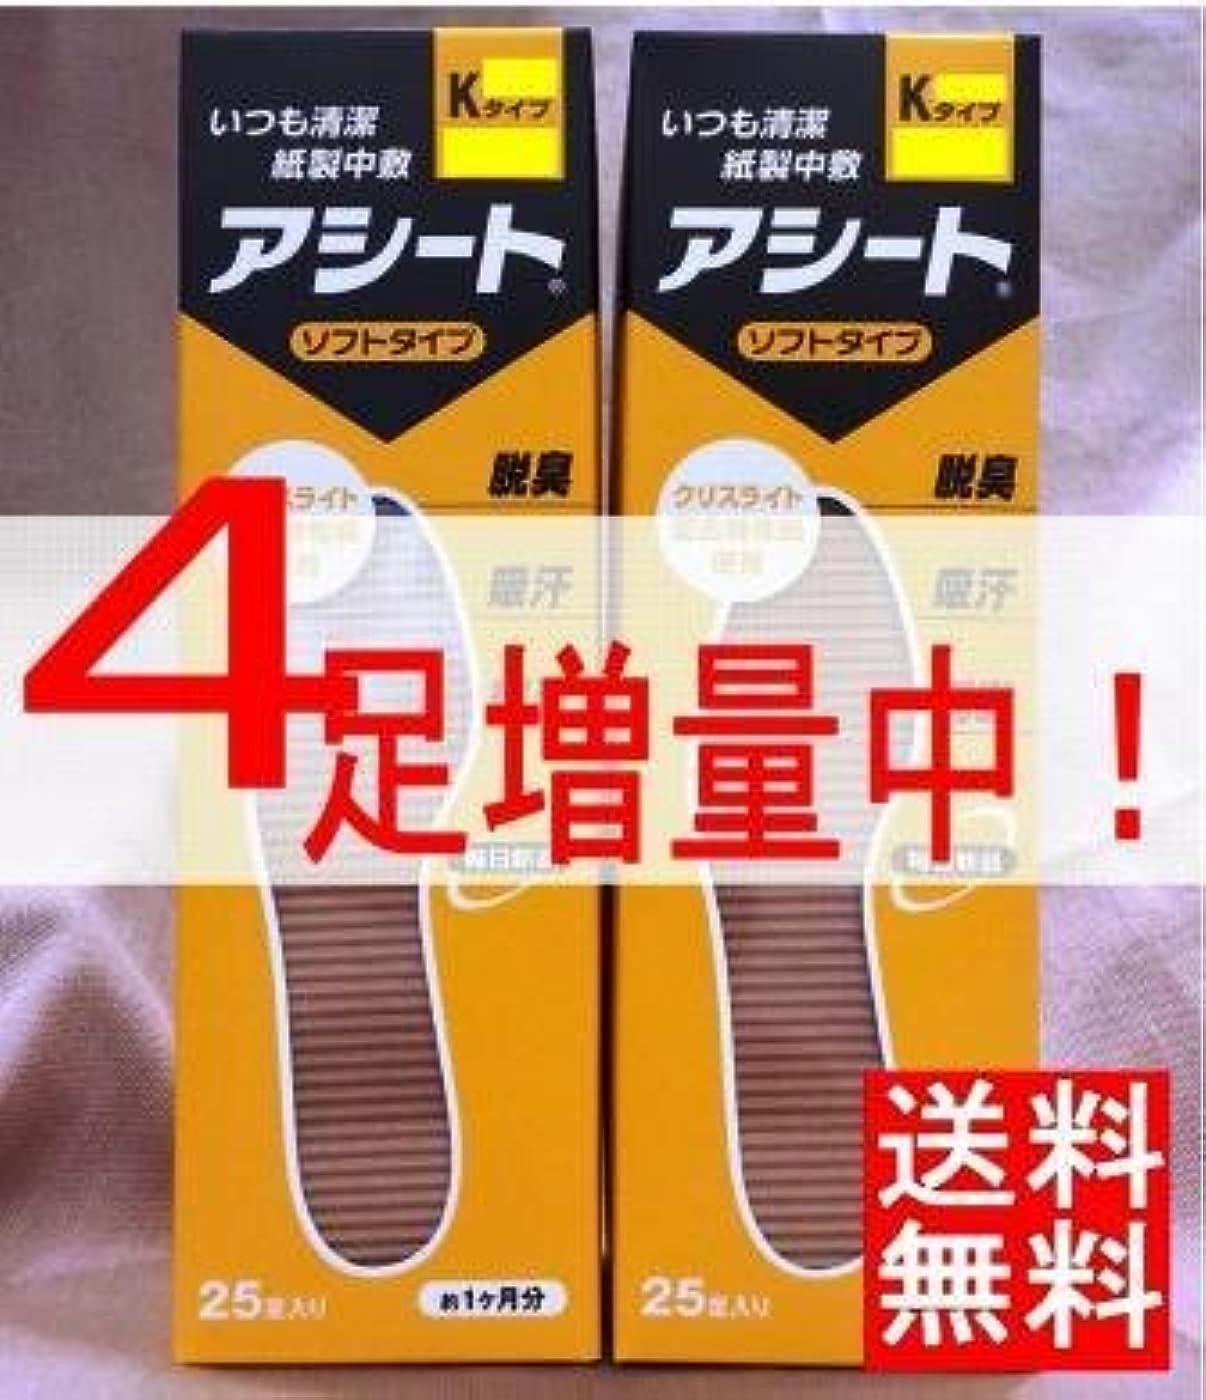 国際飢意見アシートK(サイズ24cm)×2箱セット(4足増量中)